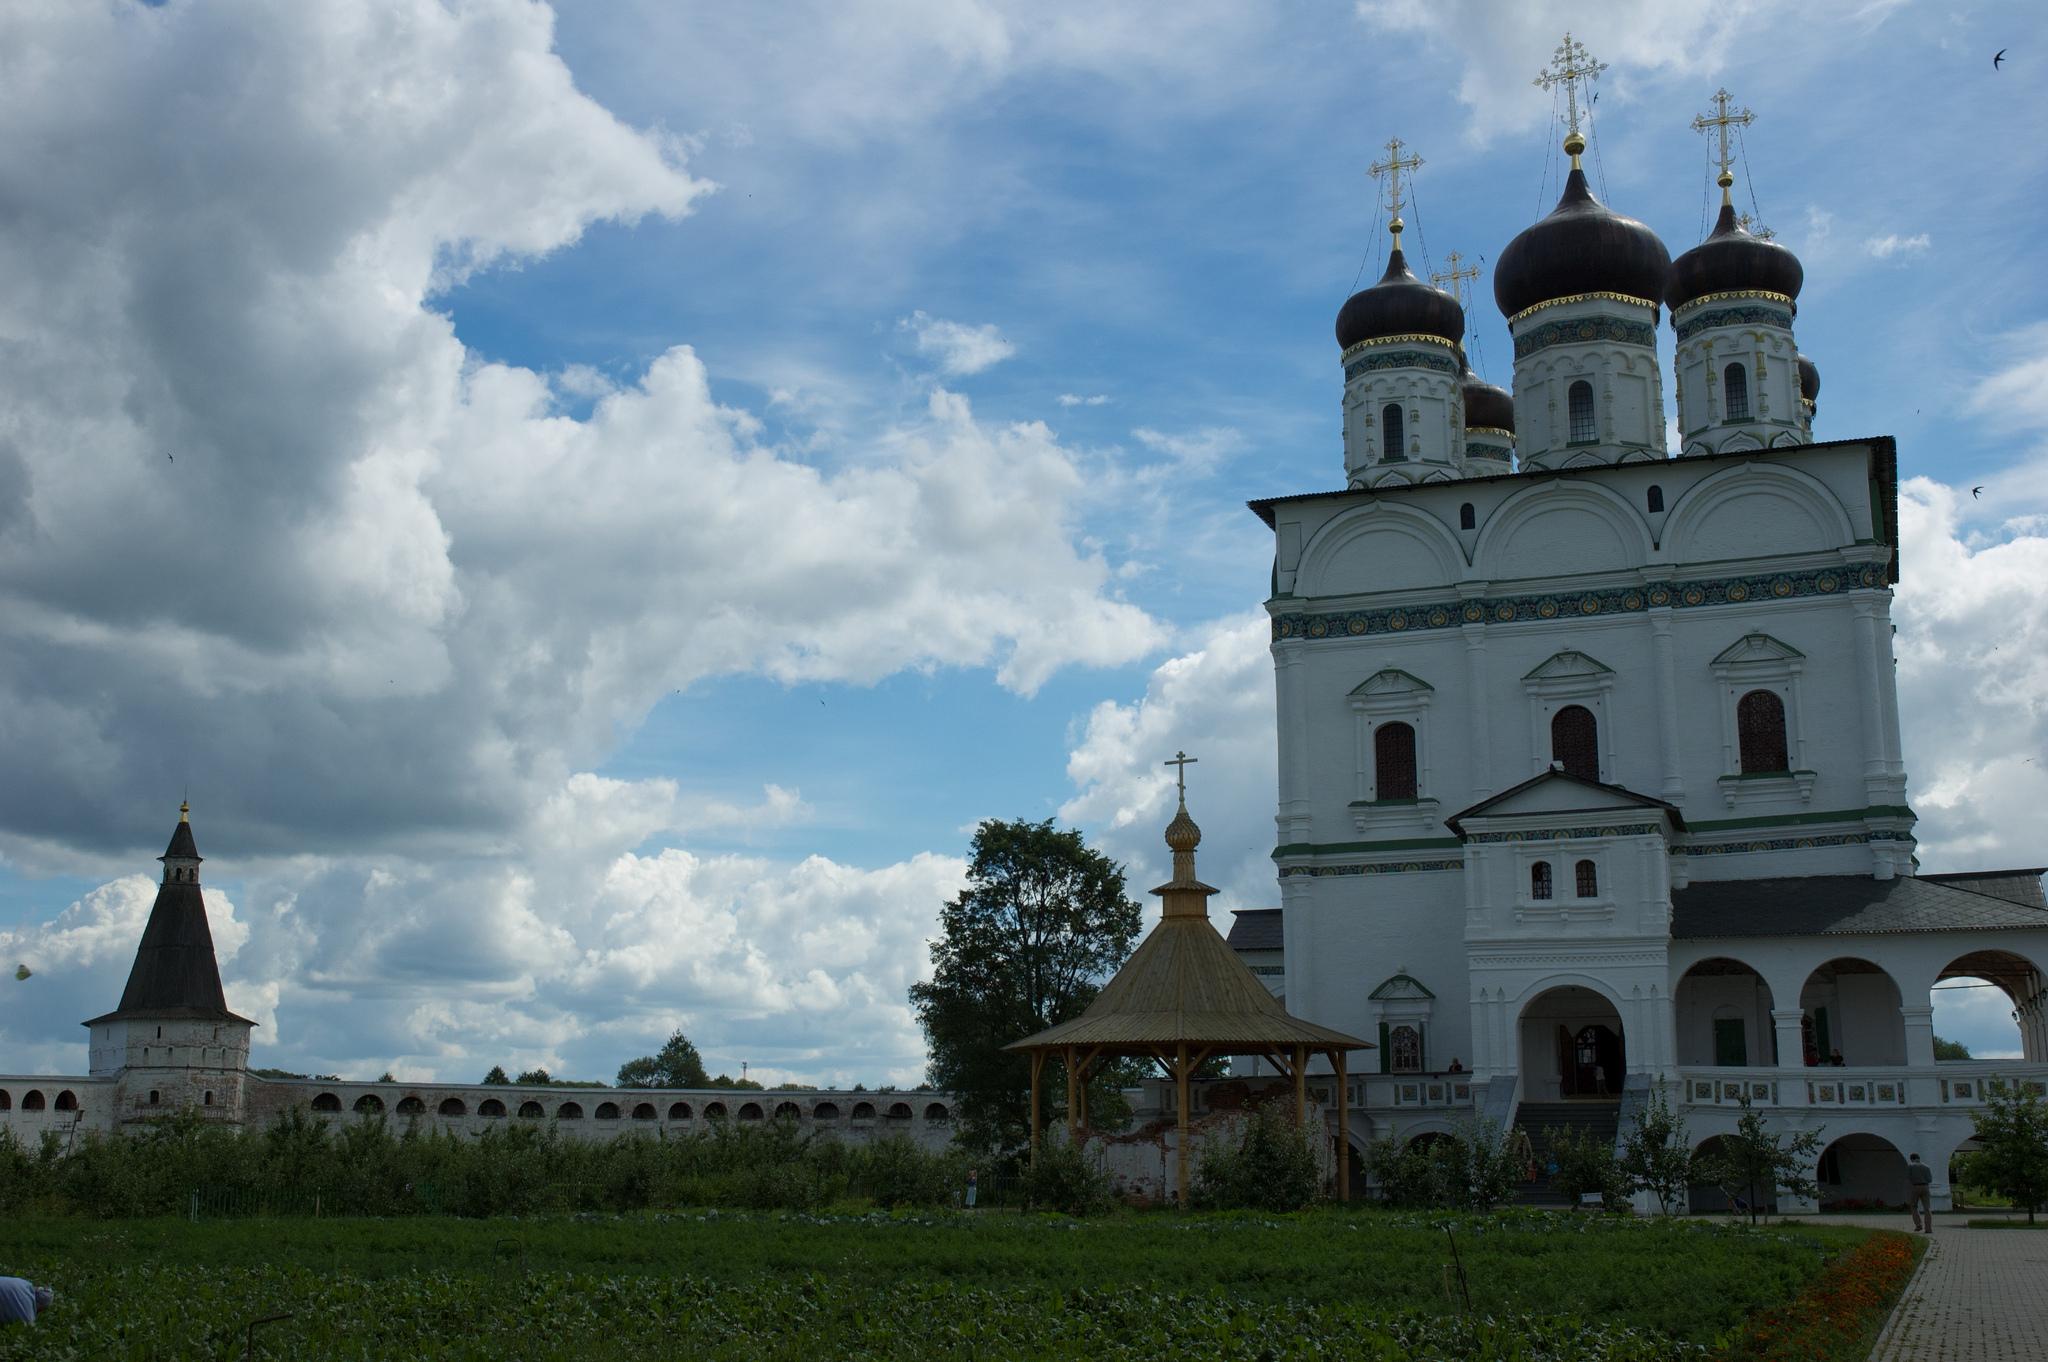 Окрестности Иосифо-Волоцкого монастыря, Московская область